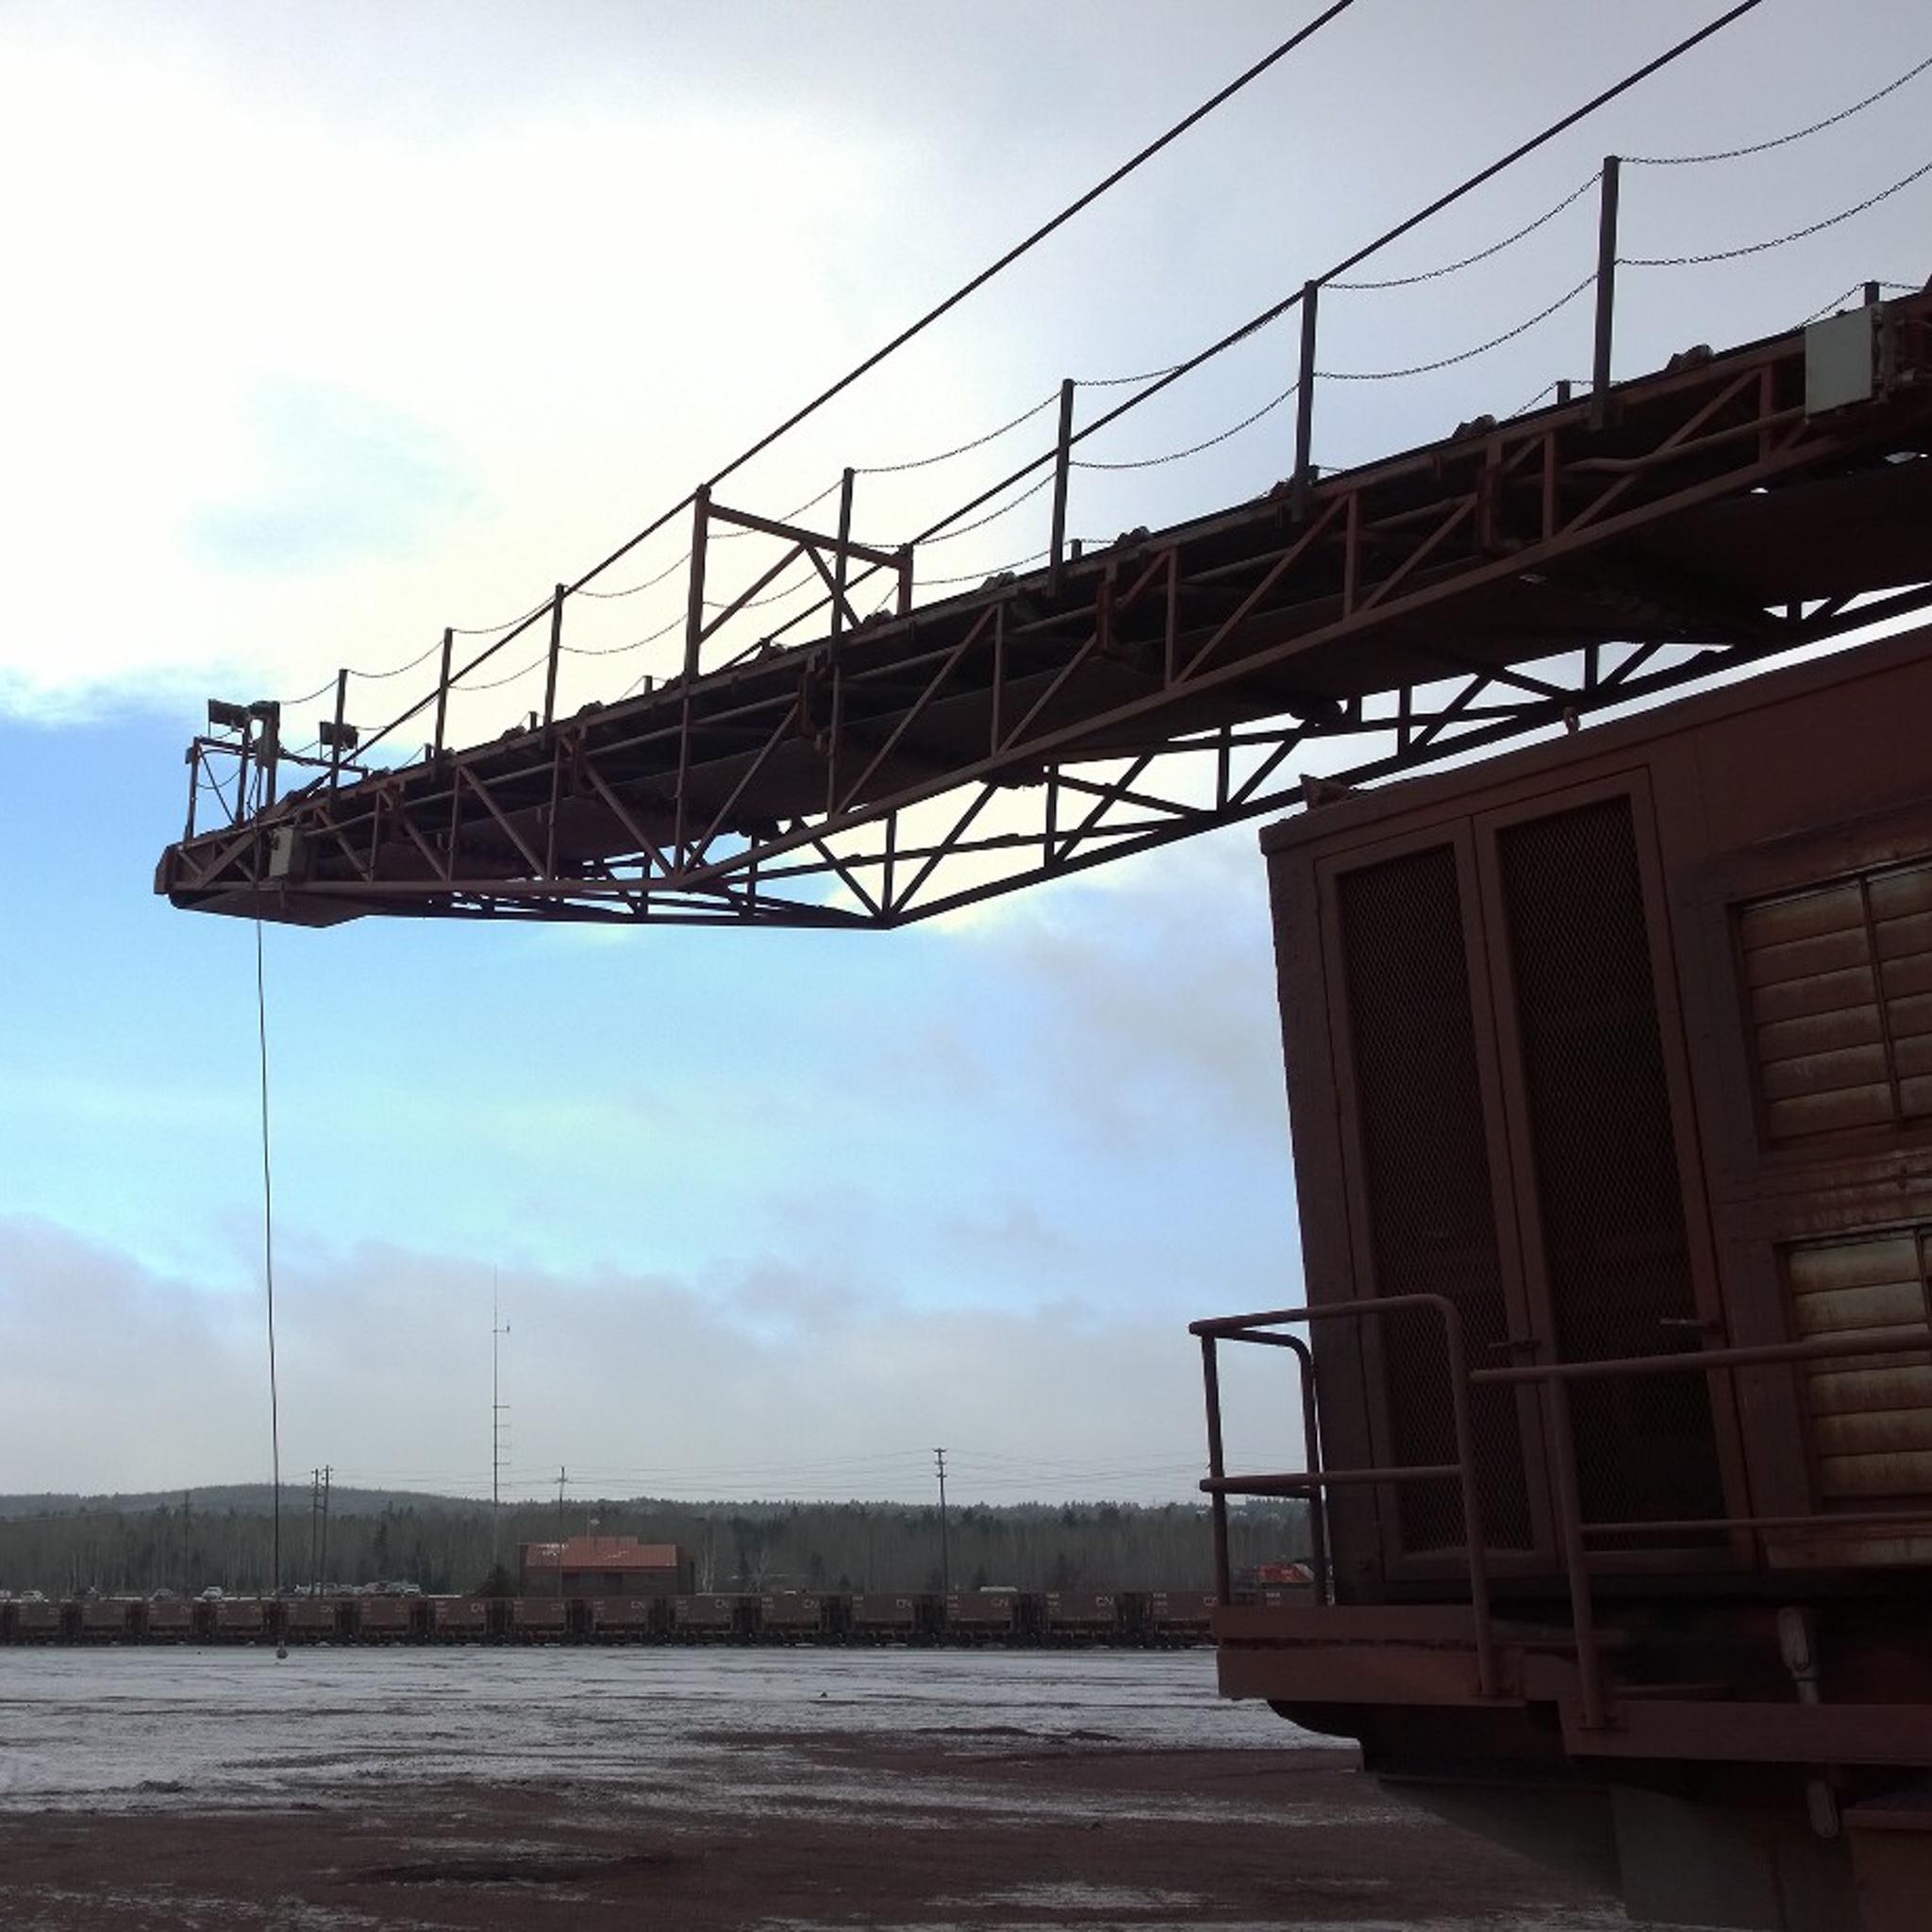 industrial320_4_of_4.jpg